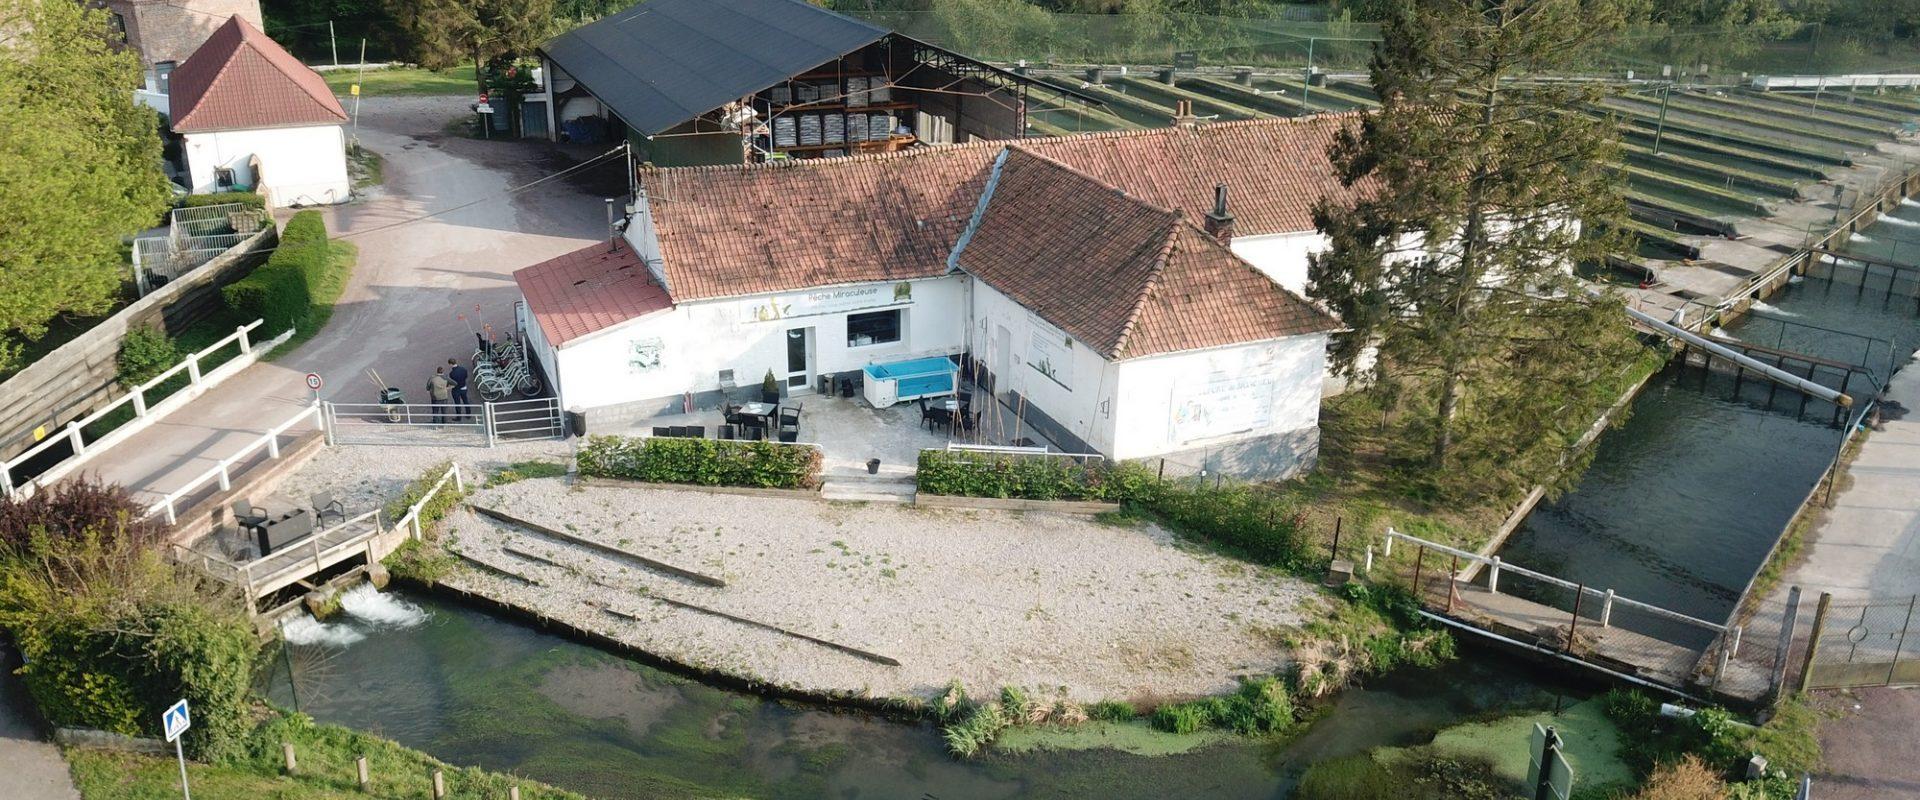 Pisciculture De Monchel : Dji 0189